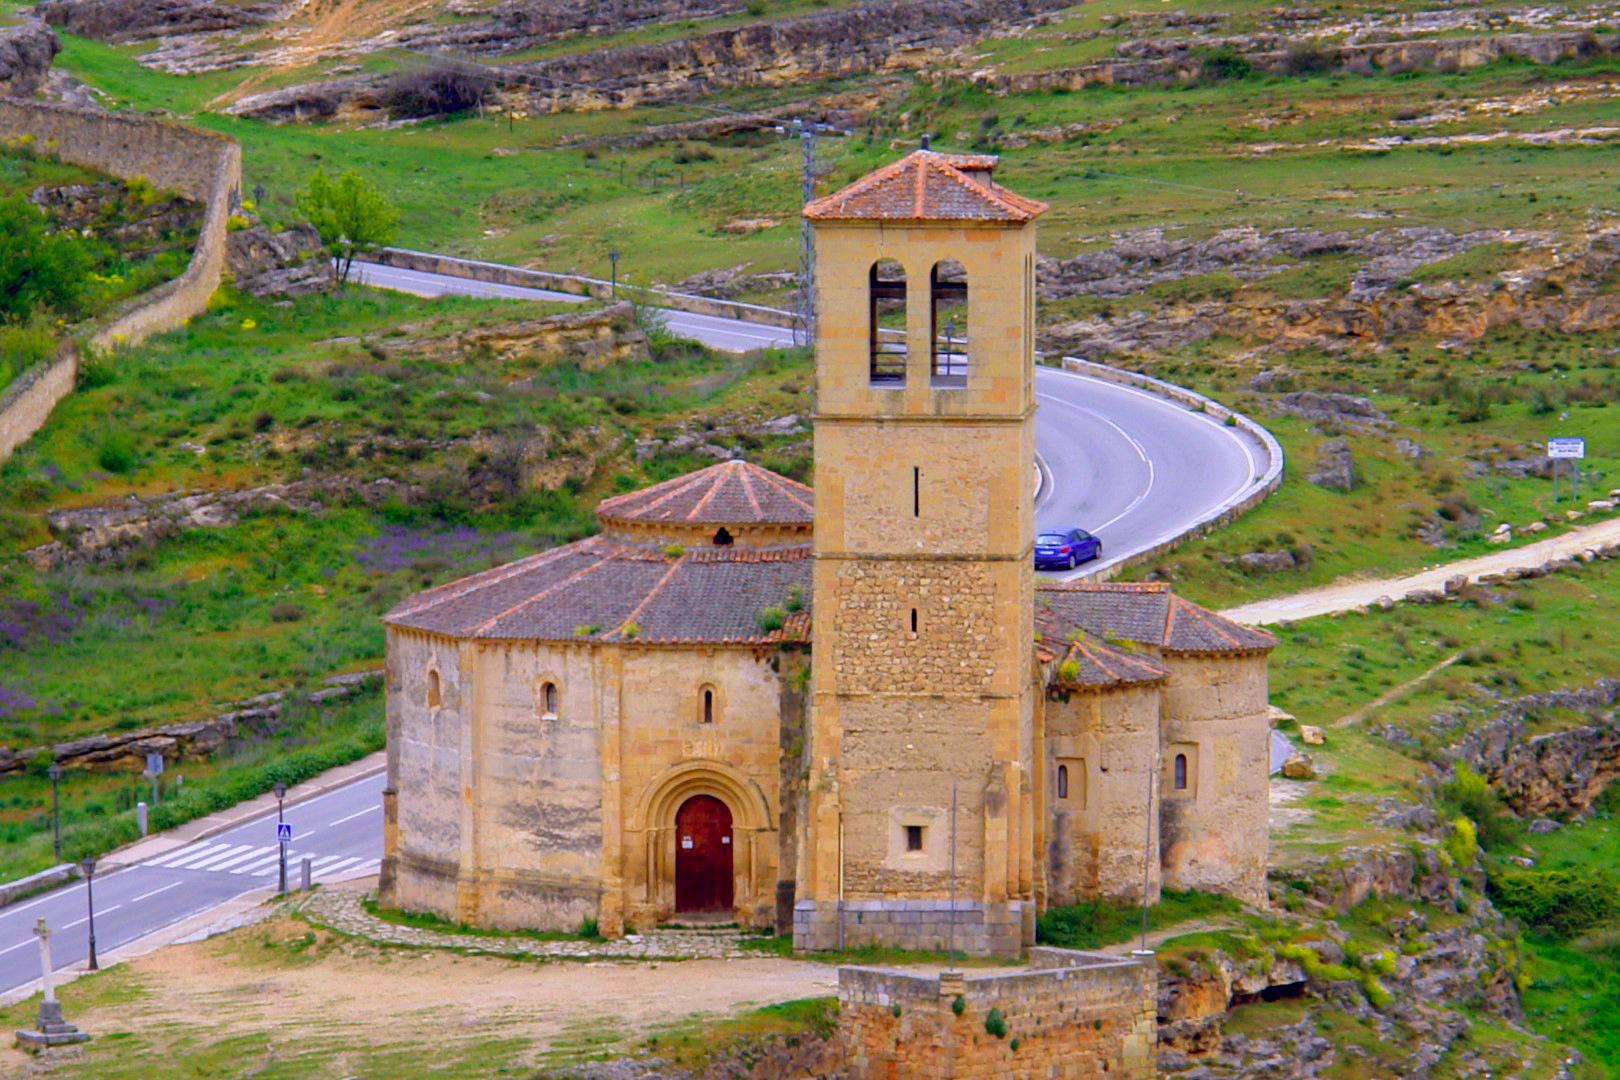 Qué ver Segovia, España qué ver en segovia - 30289237644 ccd9c9caf9 o - Qué ver en Segovia, España